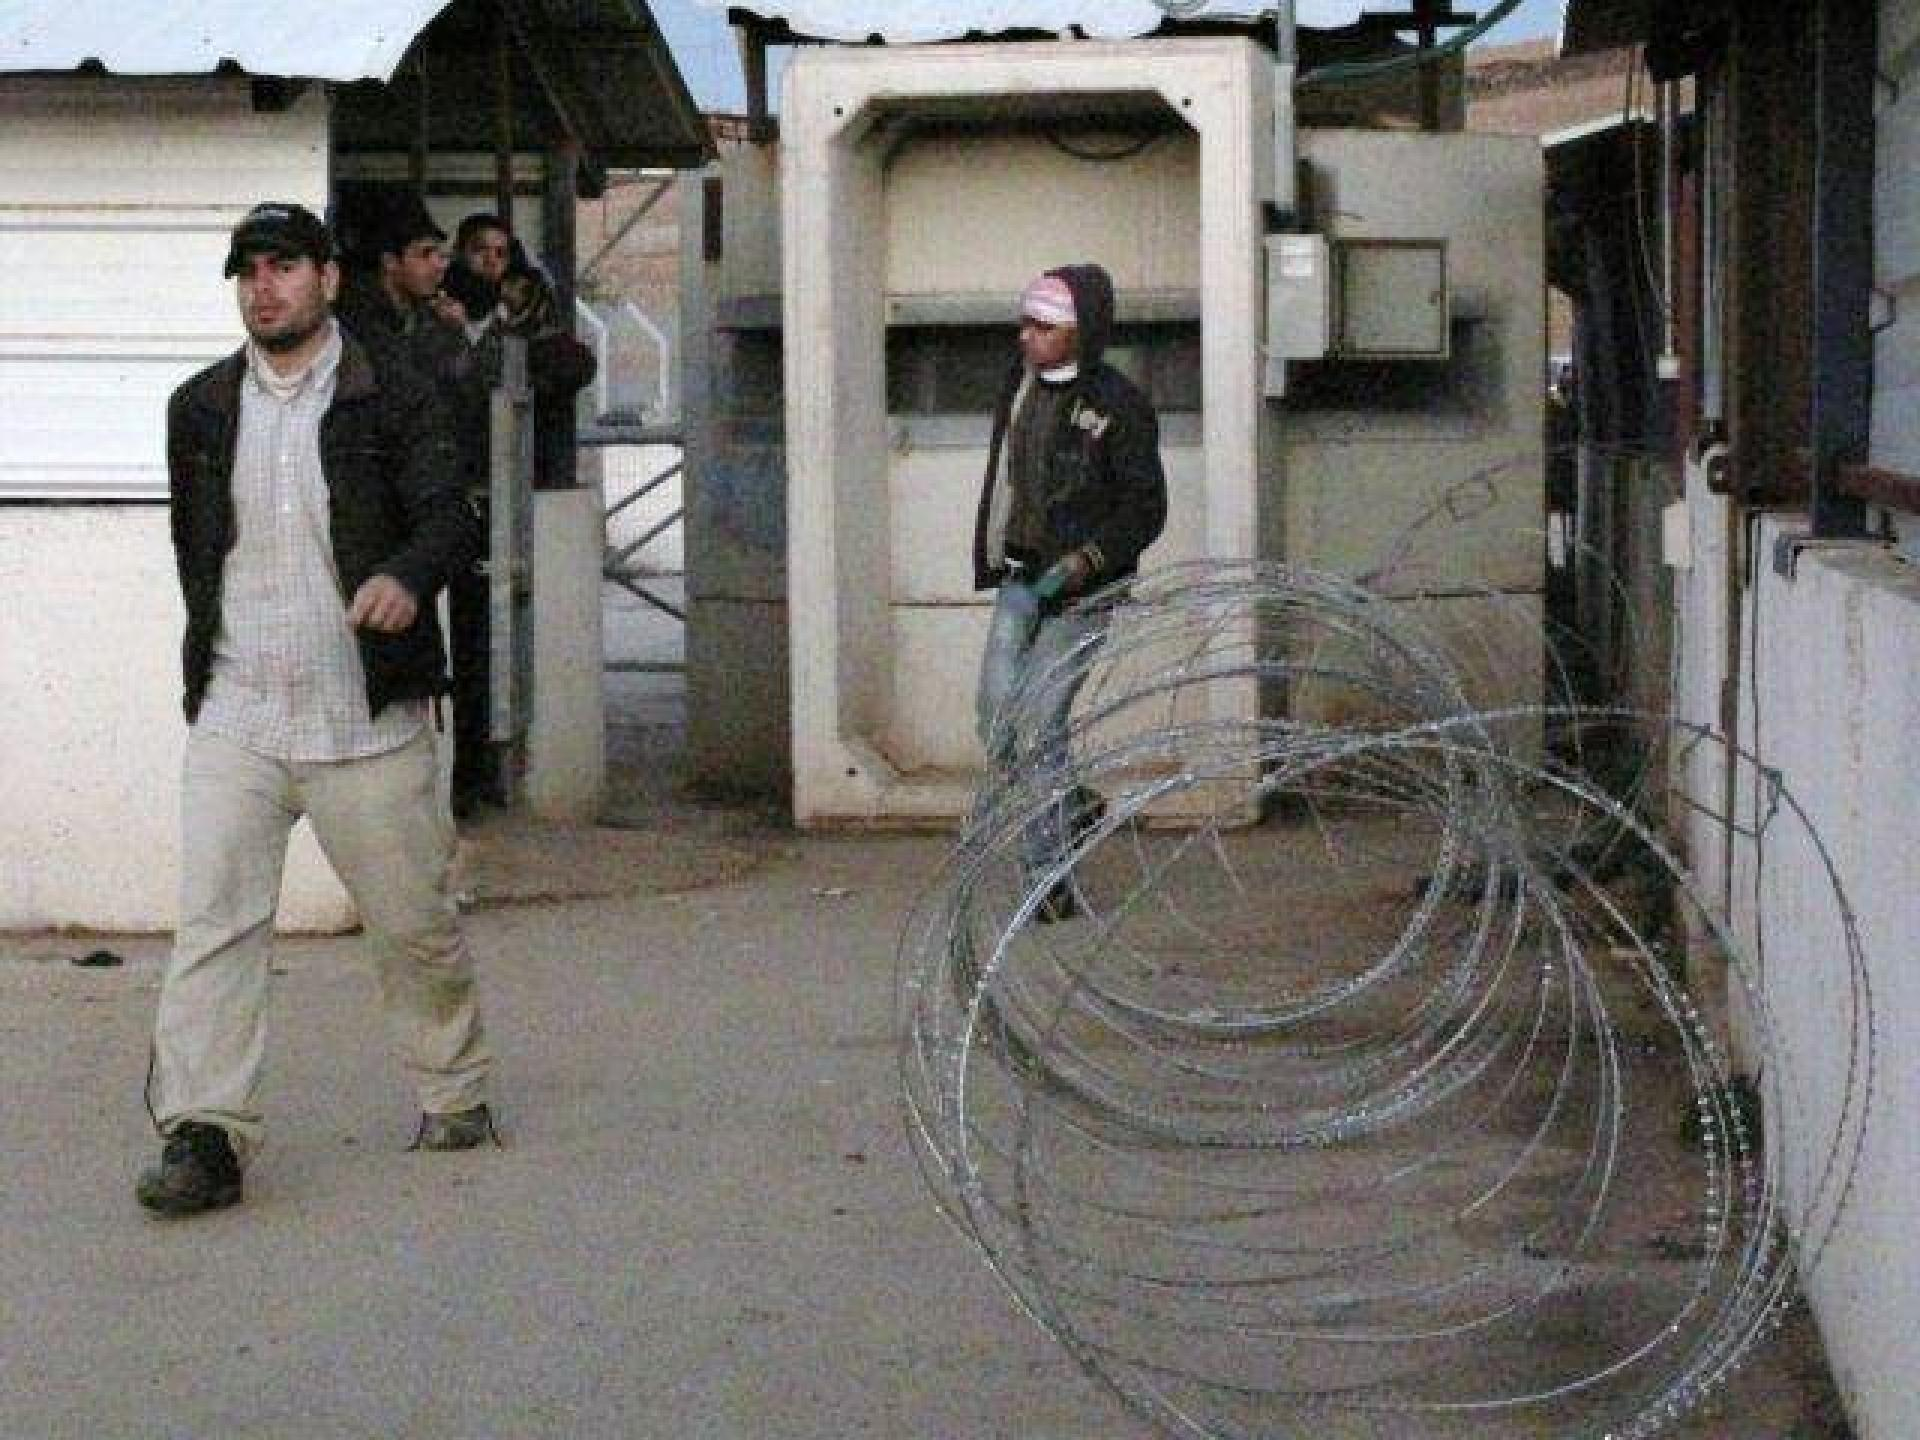 Hamra/Beqaot checkpoint 10.01.12